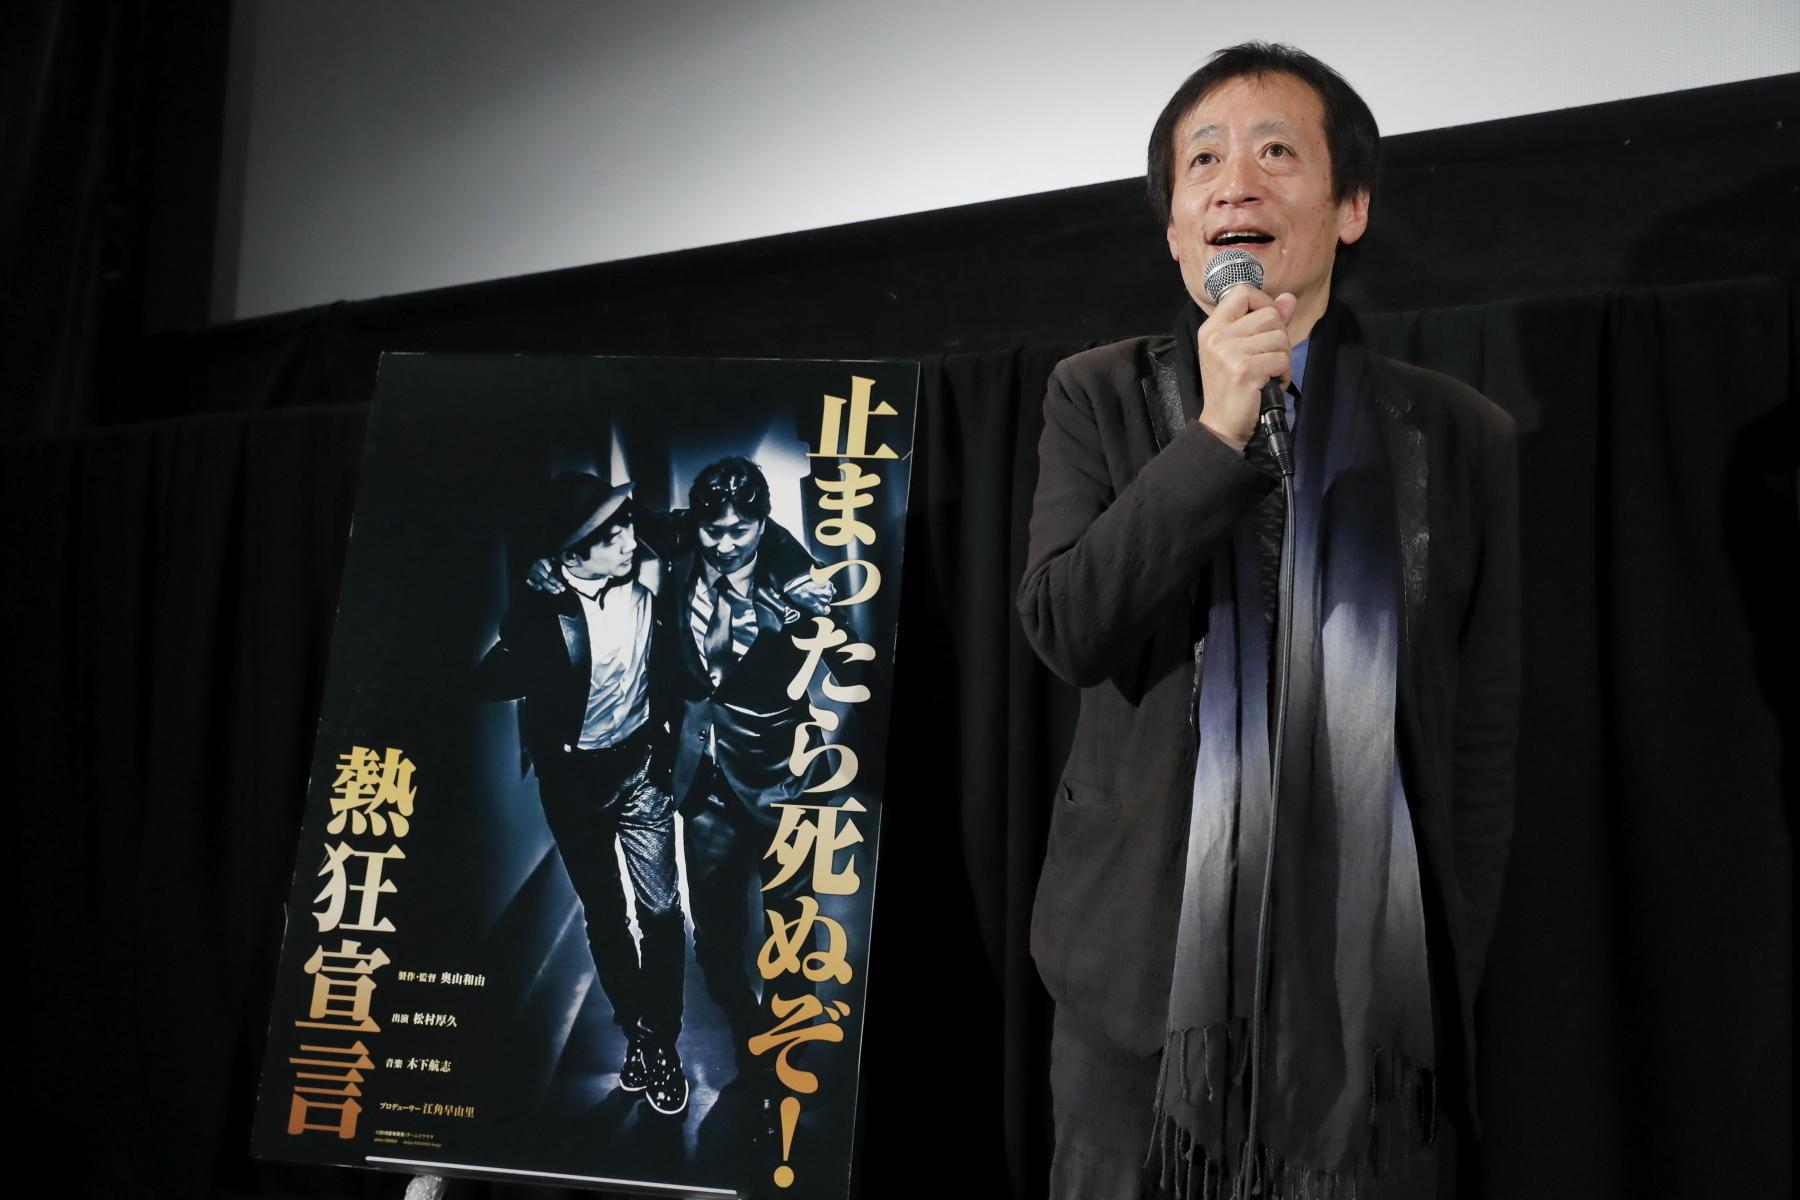 http://news.yoshimoto.co.jp/20181103094047-3f153721f9f93cd833889c53cc47bedd250ea445.jpg